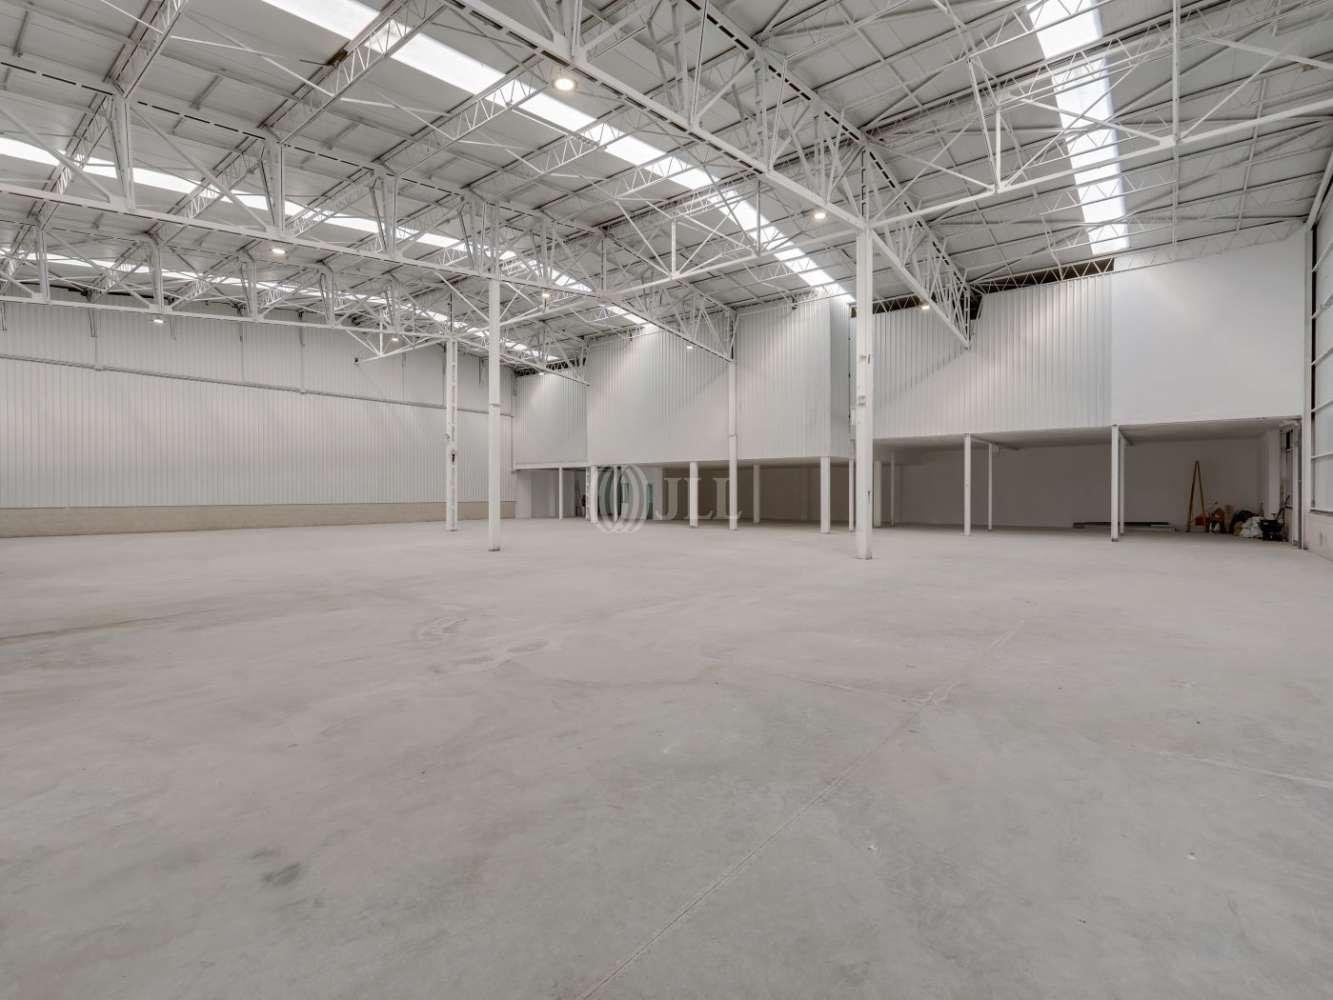 Naves industriales y logísticas Alcorcón, 28923 - Nave Industrial - M0173 - P.I. URTINSA 2 - 22537